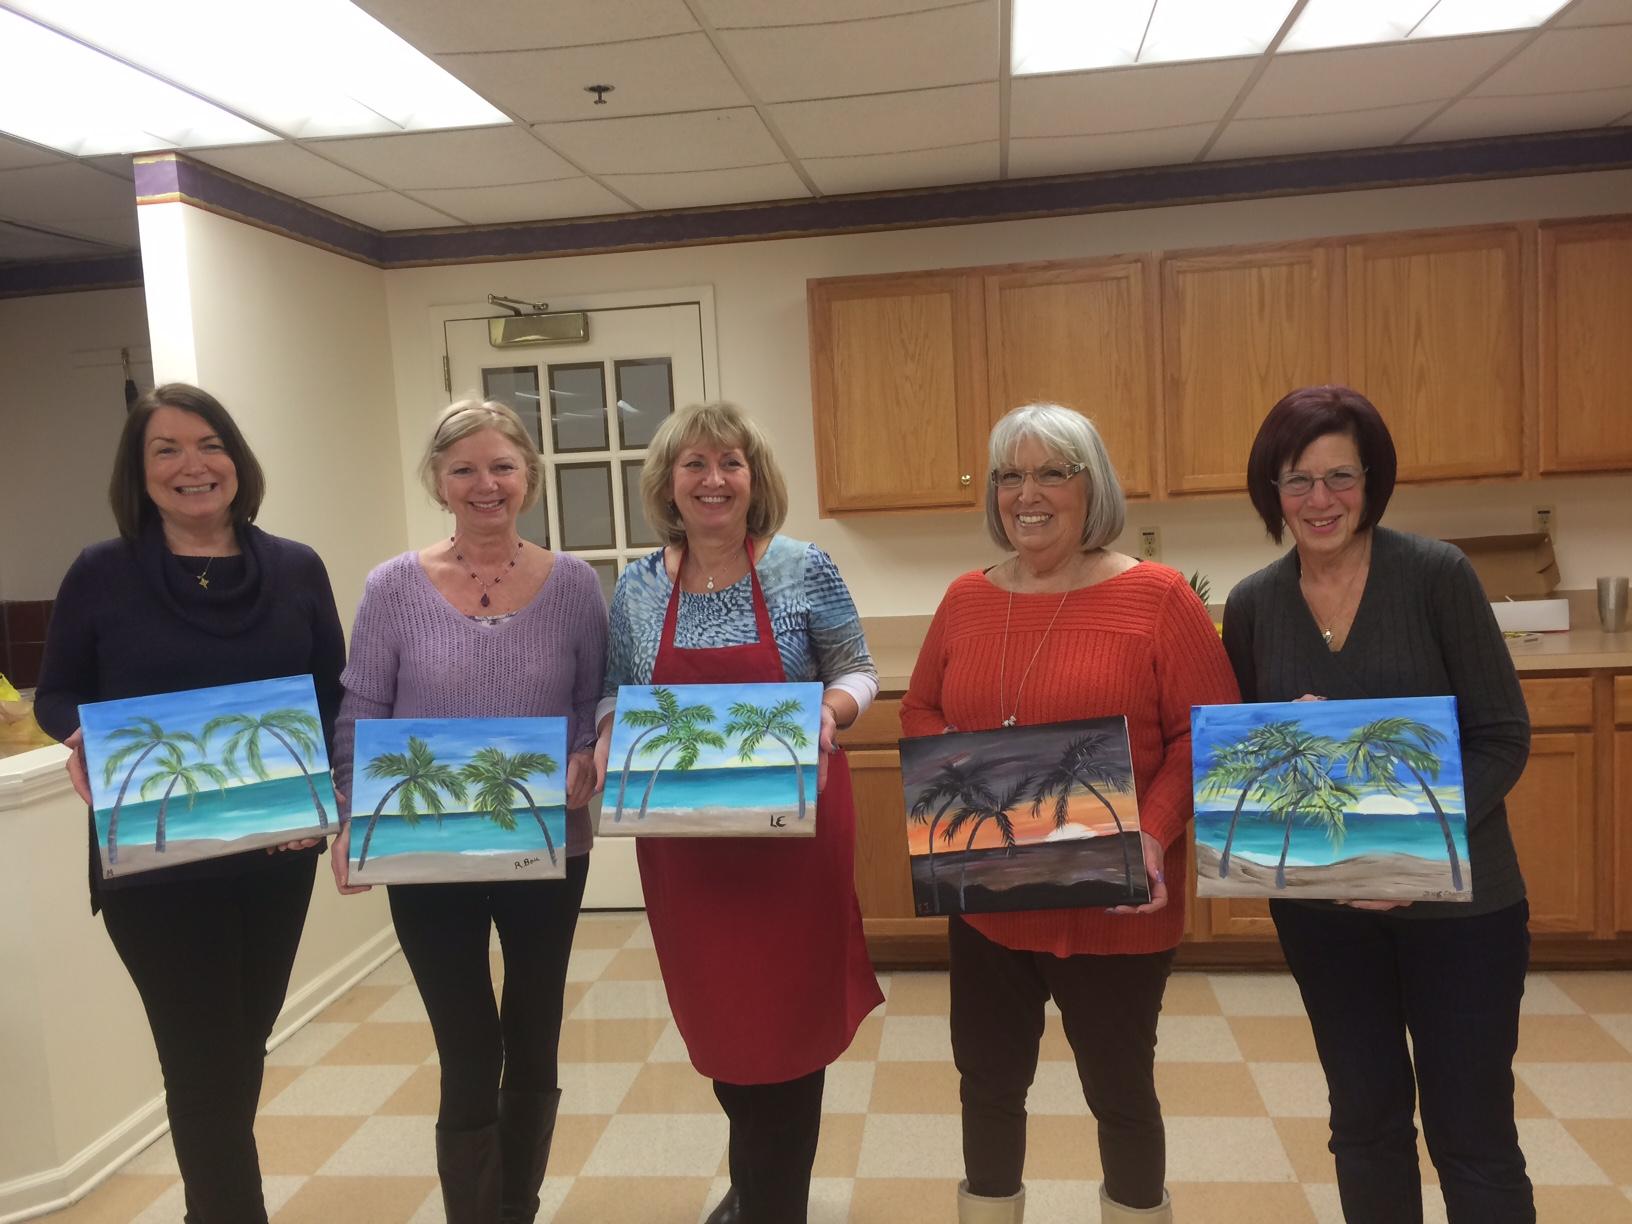 westlake painting party 3.JPG